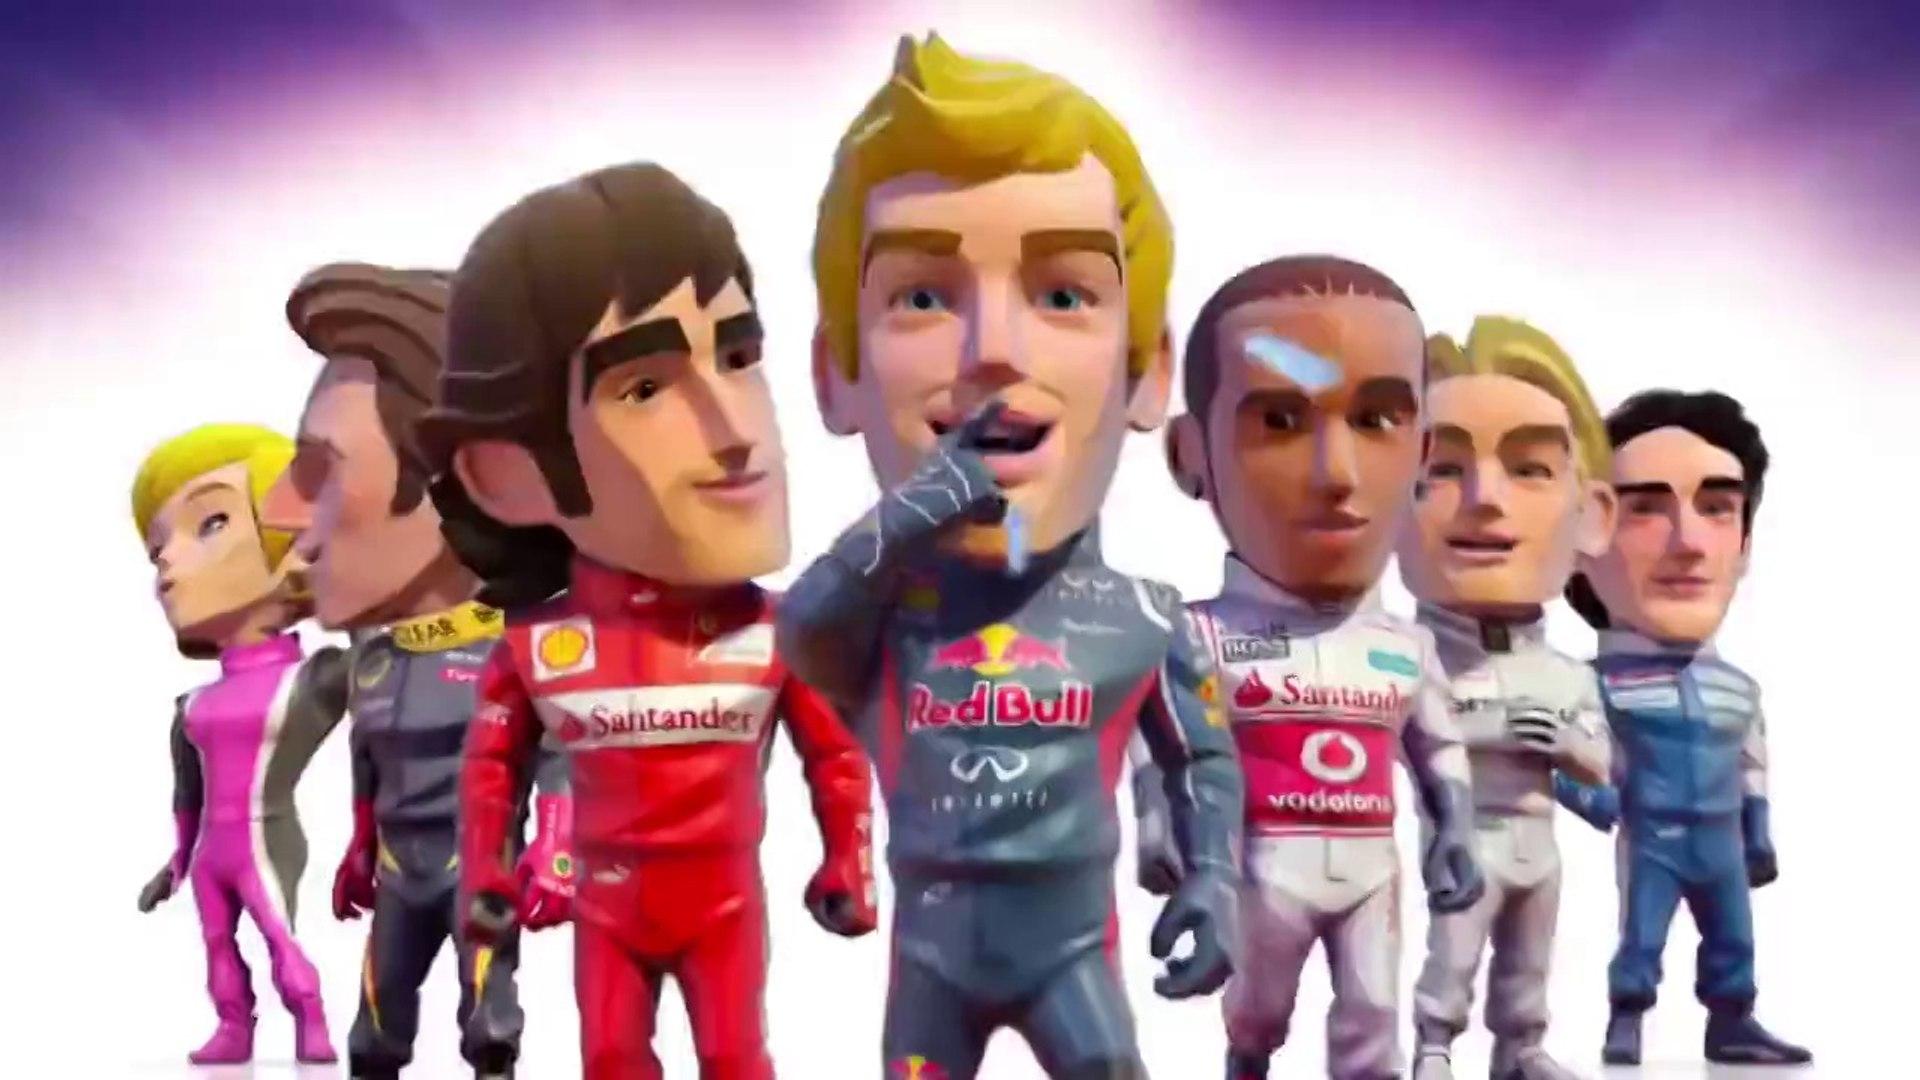 F1 Race Stars - Bottle Rocket